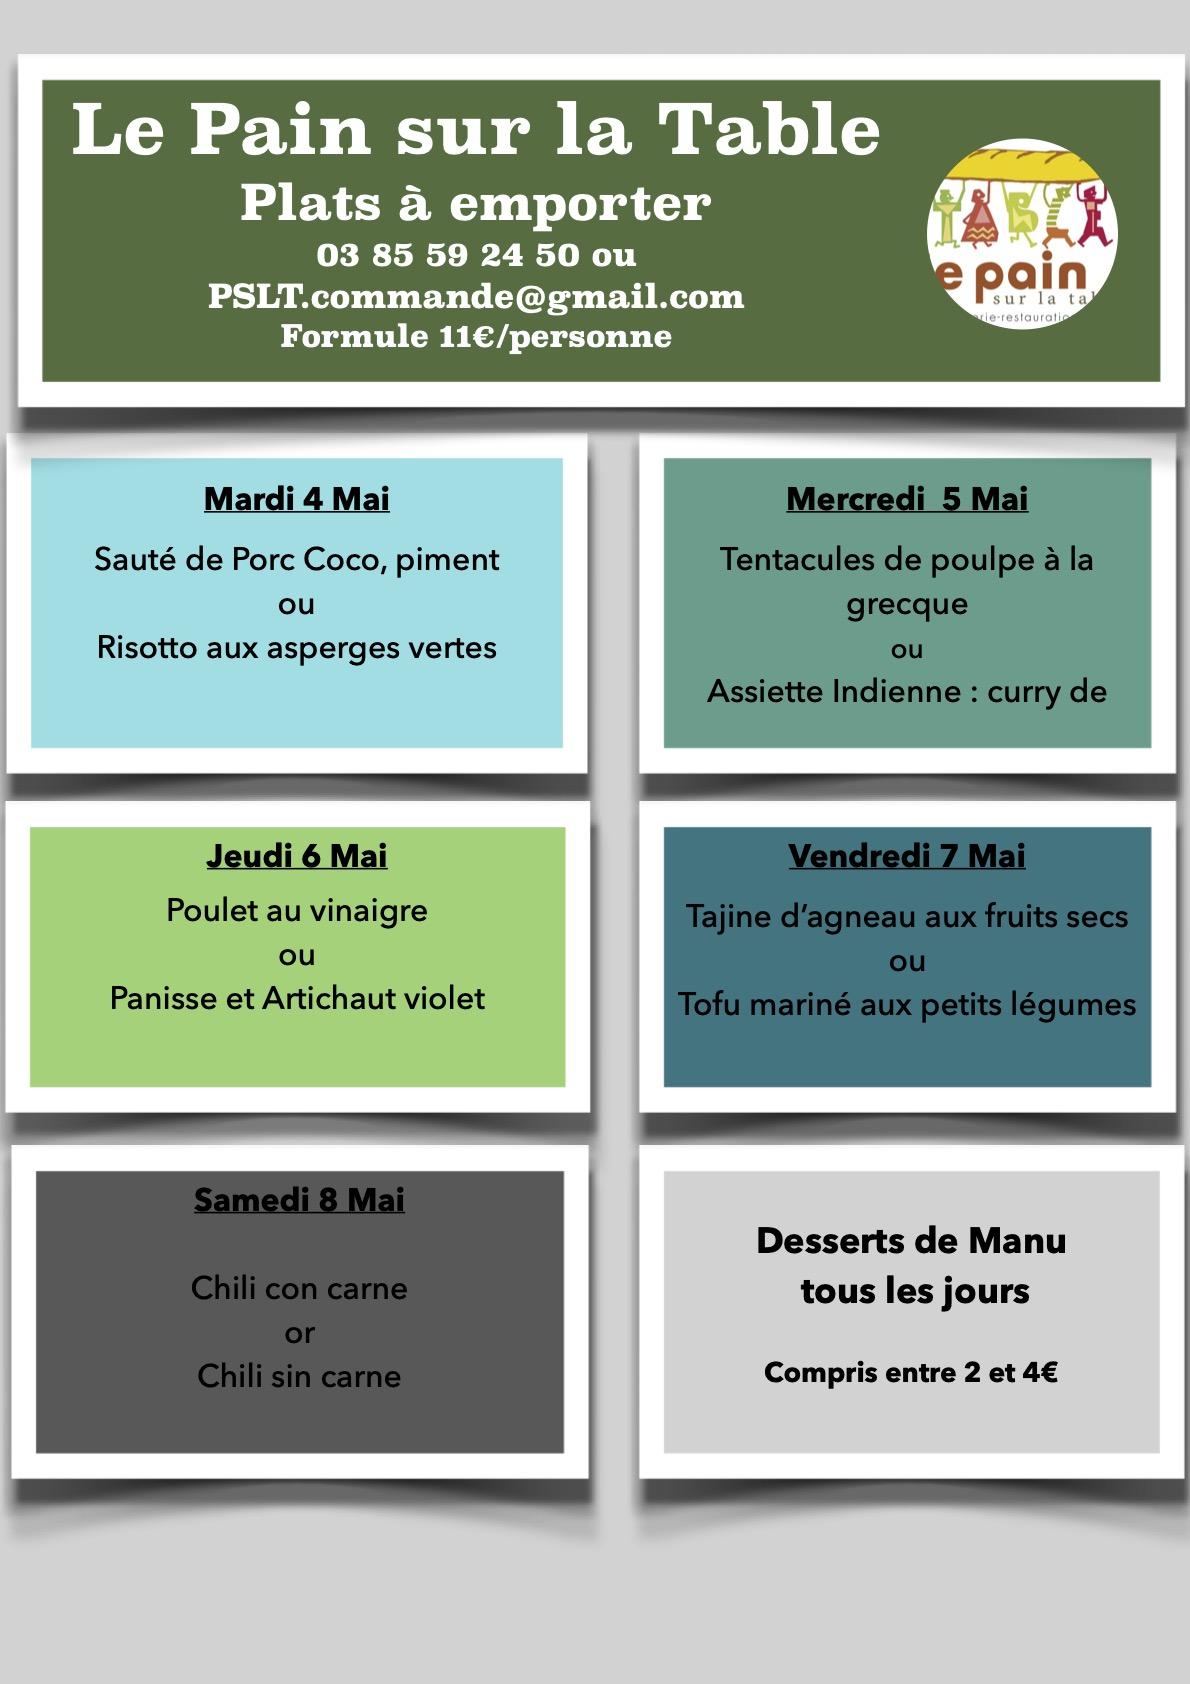 Les menus de la semaine du 4 au 8 Mai 2021